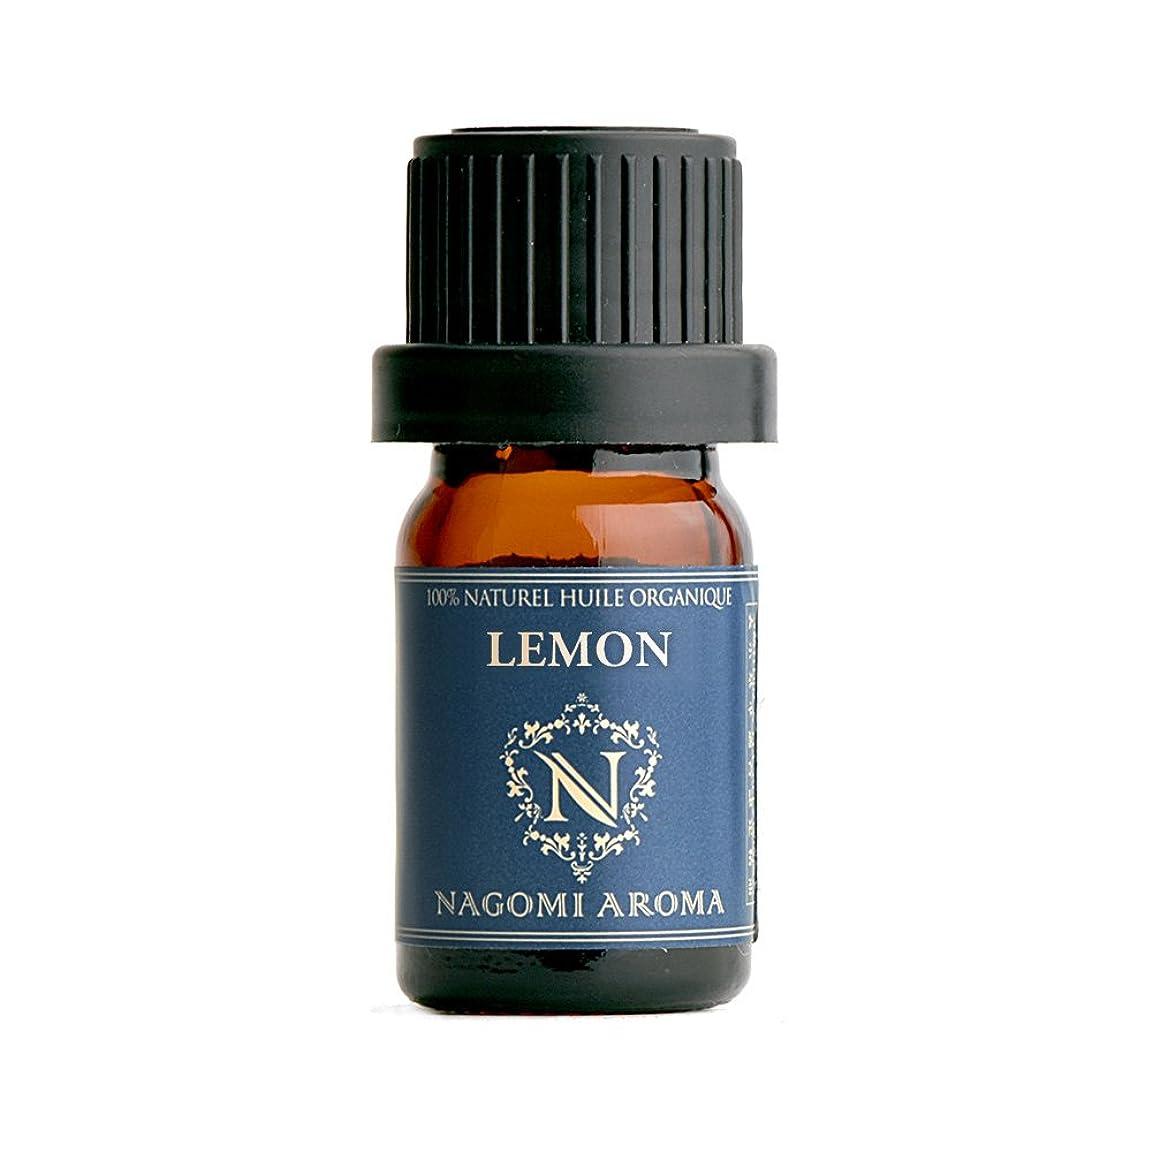 論争的公平タンパク質NAGOMI AROMA オーガニック レモン 5ml 【AEAJ認定精油】【アロマオイル】